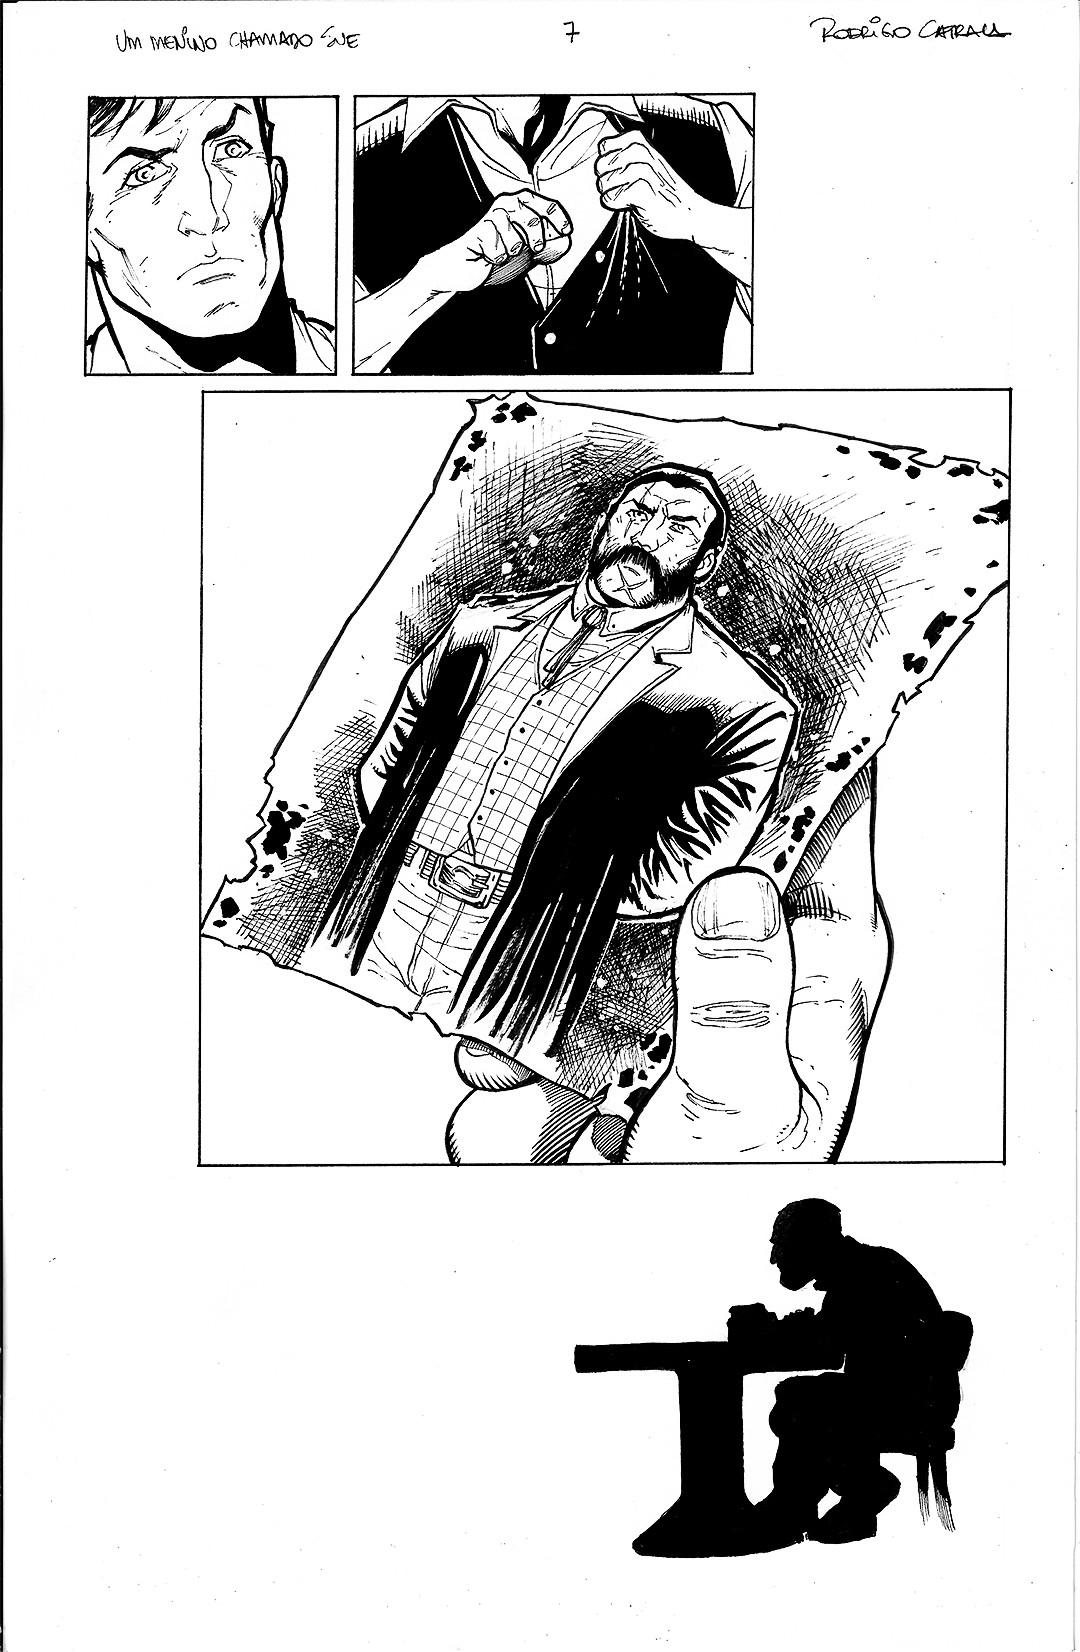 Rodrigo catraca sue pg 7